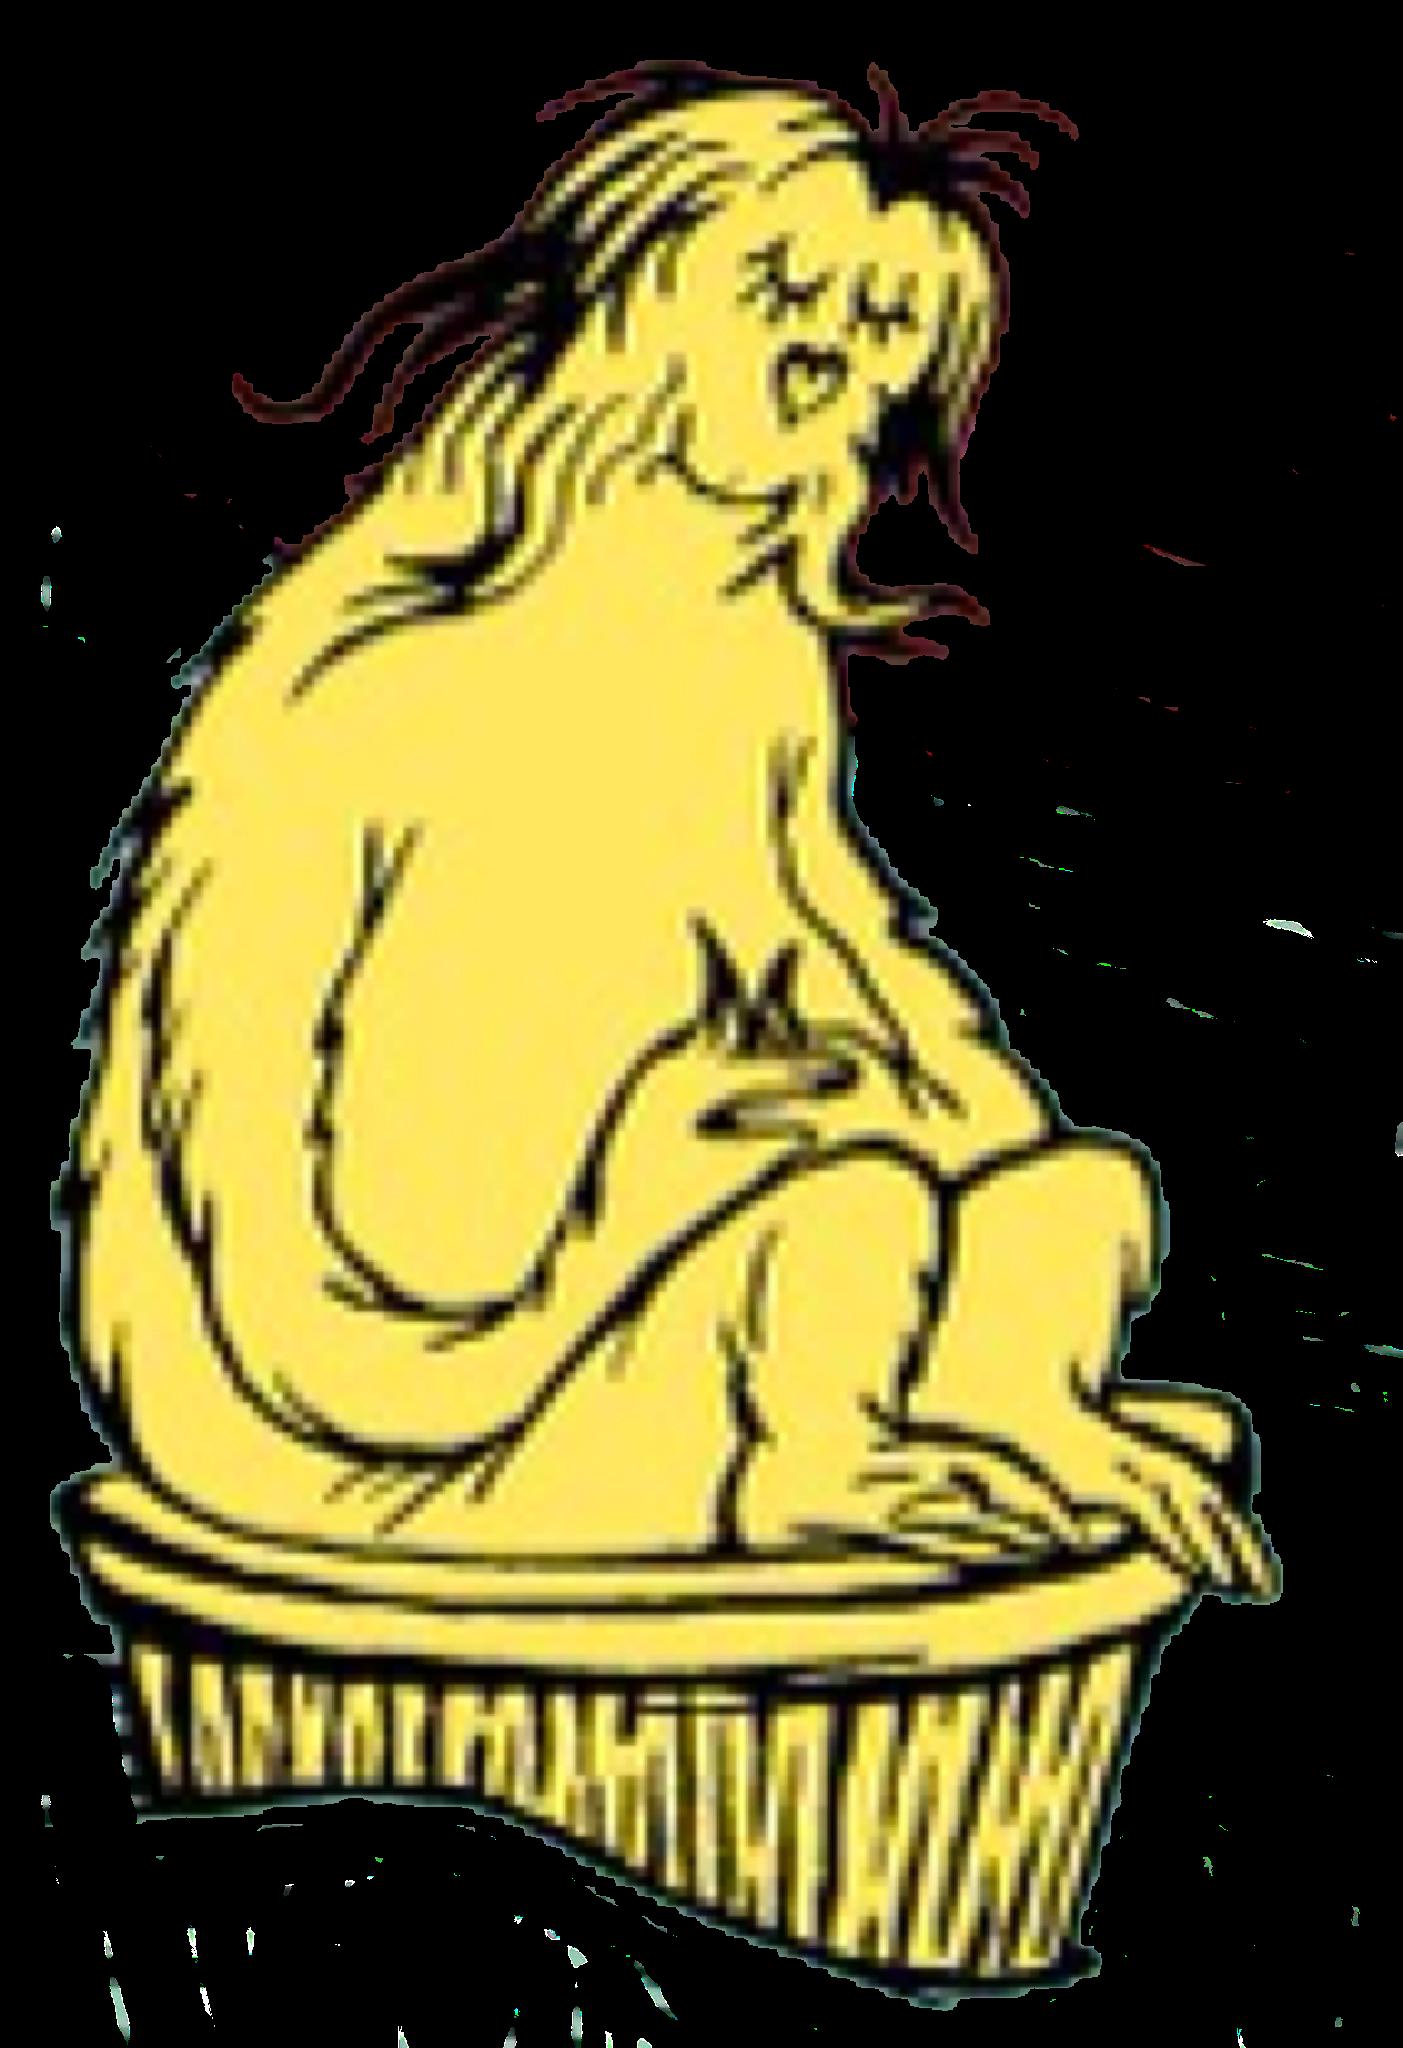 Bumble-Tub Club